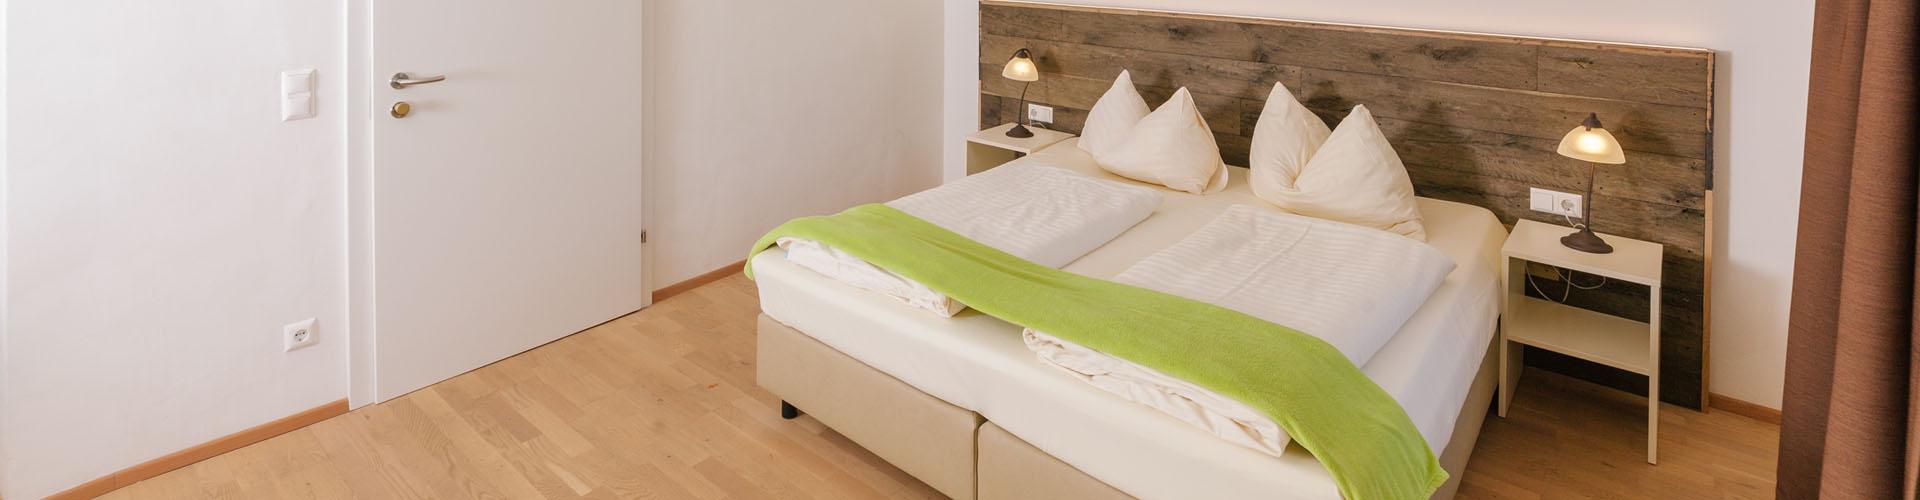 doppelbett-holzboden-sommer-groß